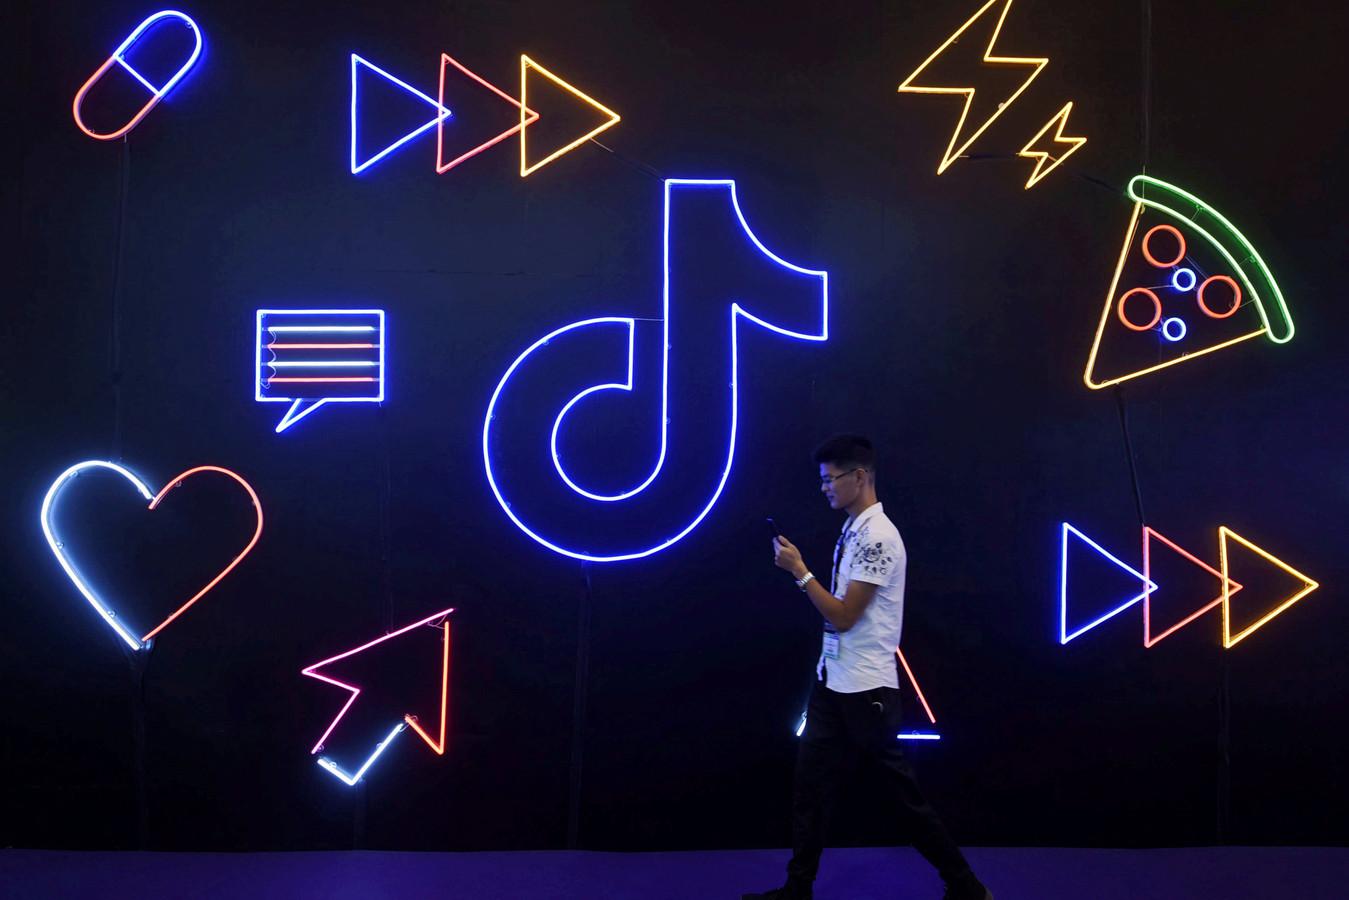 Een man loopt met zijn smartphone langs het logo van TikTok.